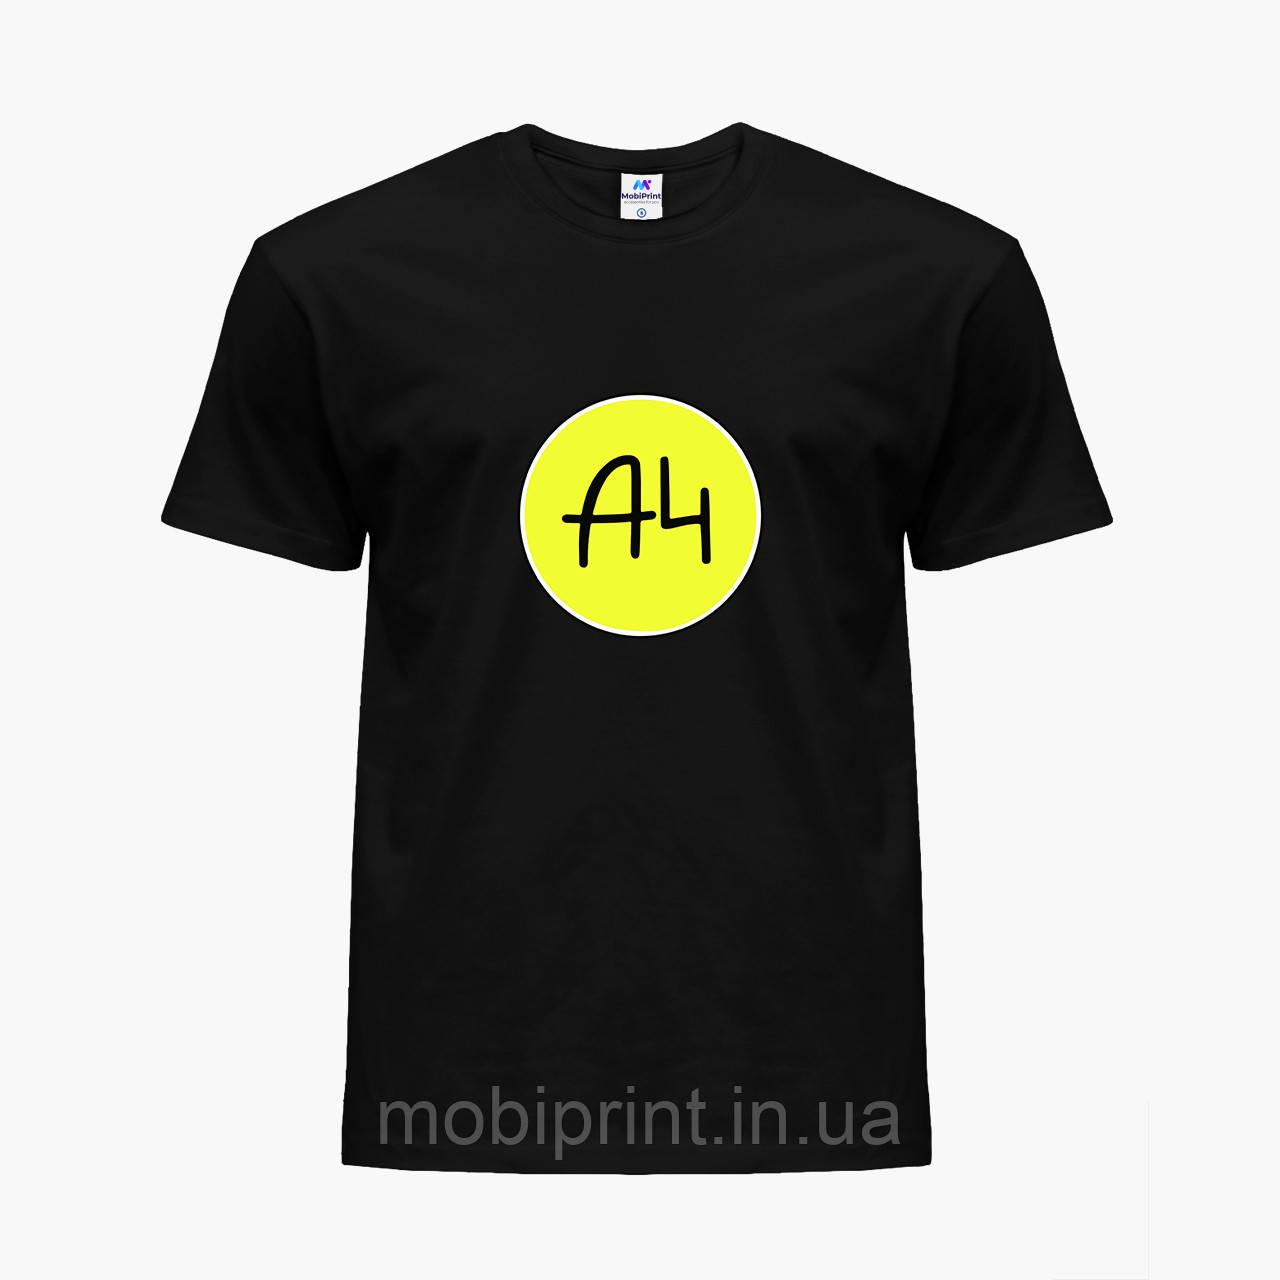 Дитяча футболка для хлопчиків блогер Влад Папір А4 (blogger Vlad A4) (25186-2620) Чорний